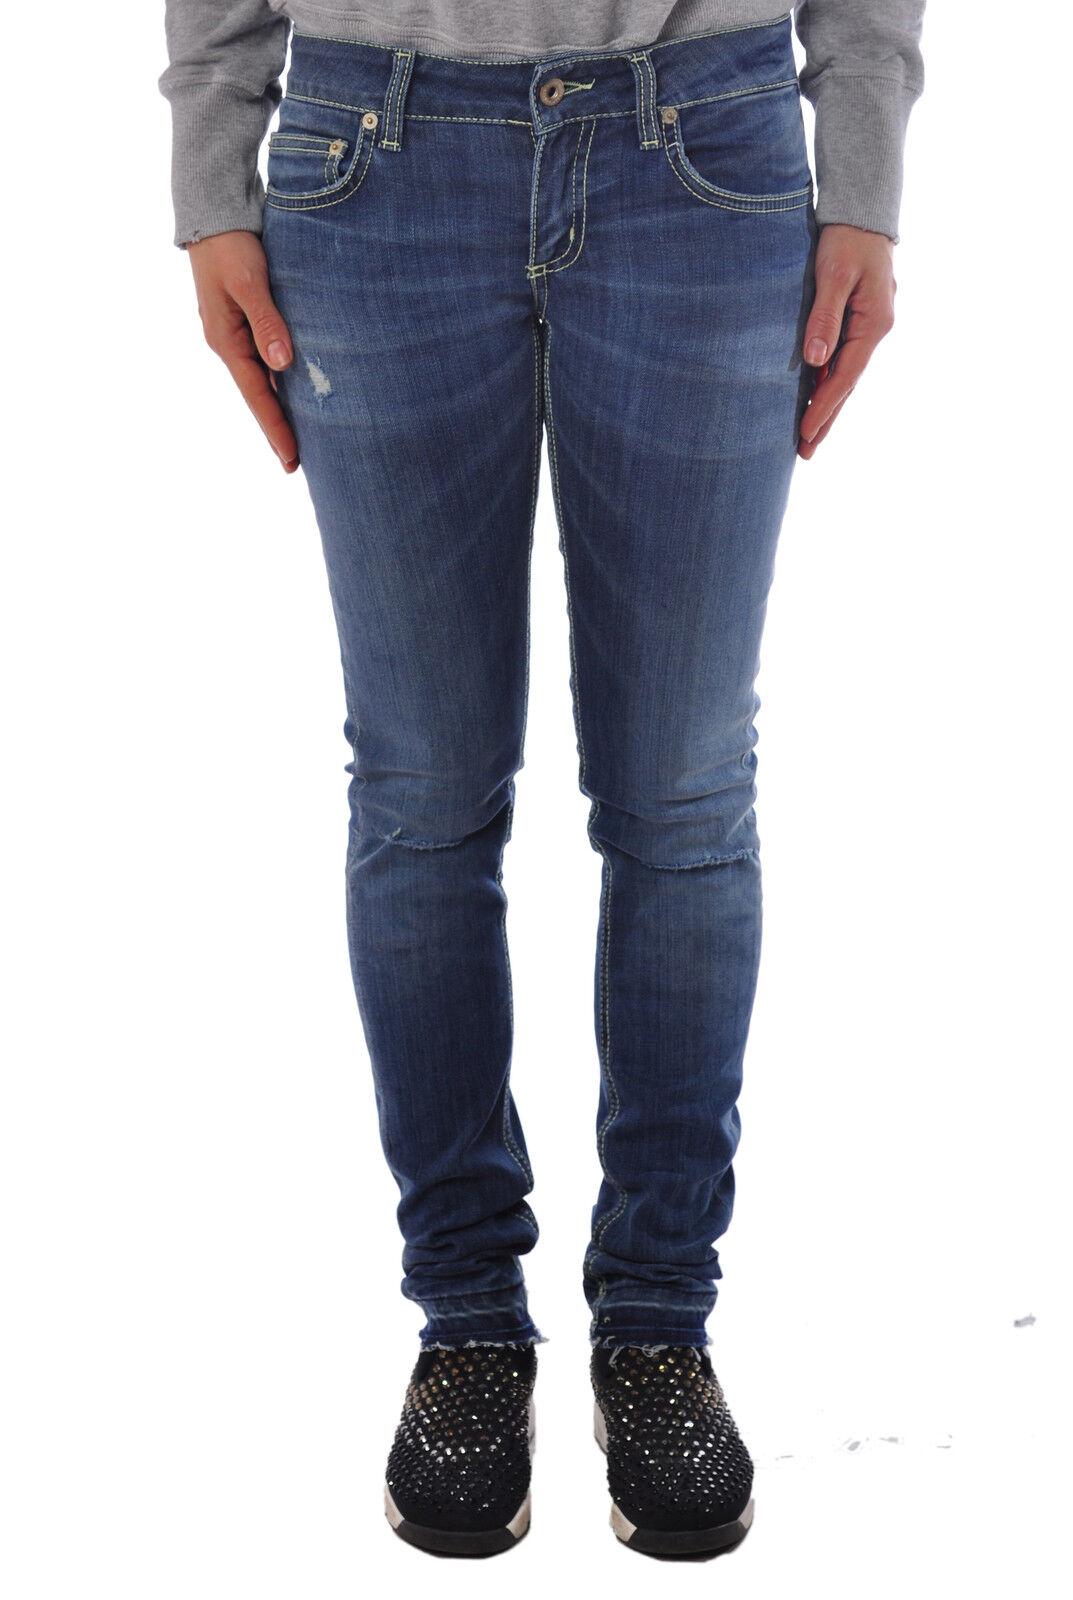 Dondup  -  Pants - Female - 29 - Denim - 1318402B162259